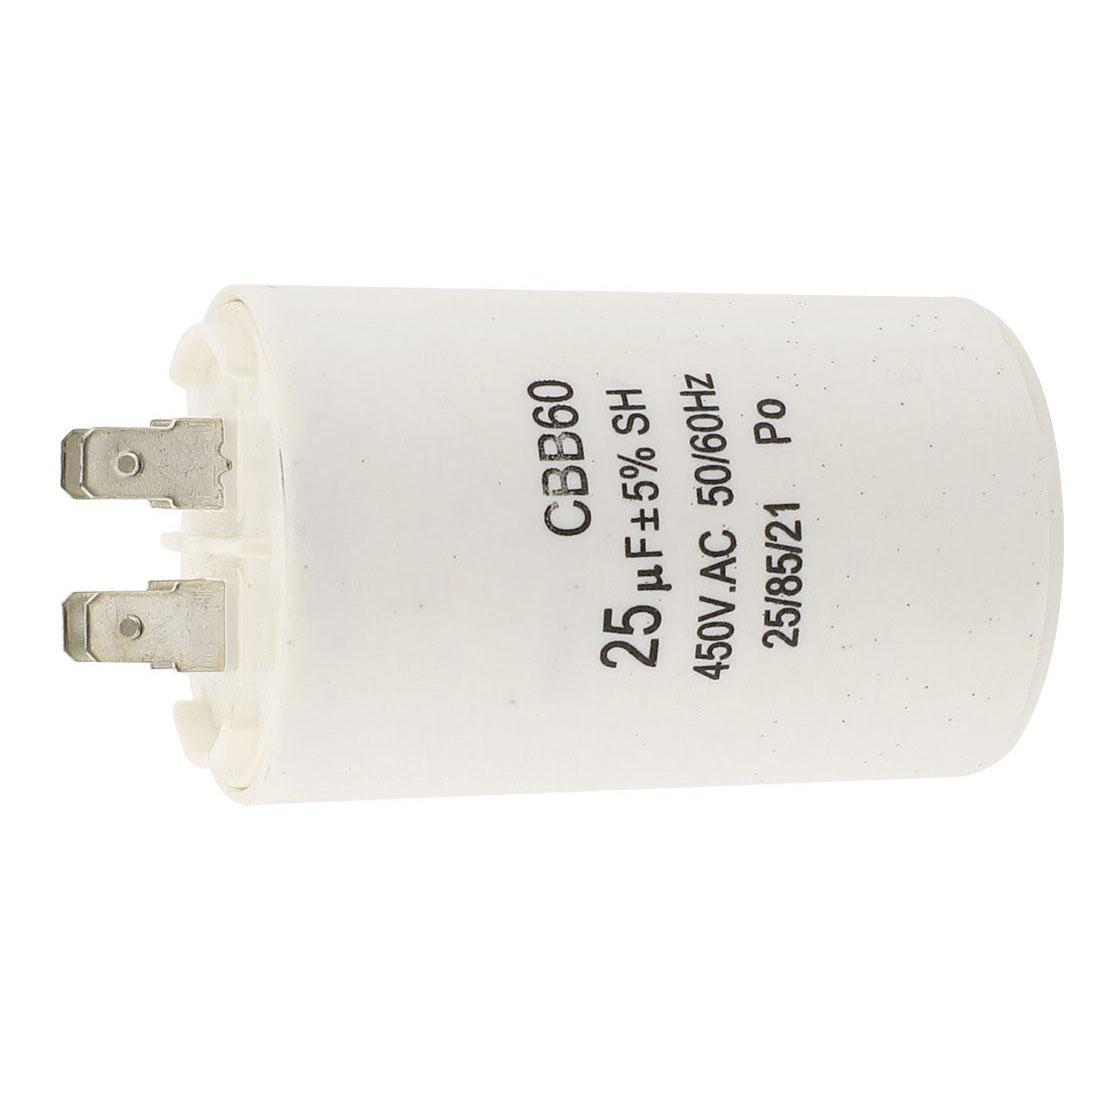 Cbb60 25uf 450vac Ac Motor Run Capacitor For Washing